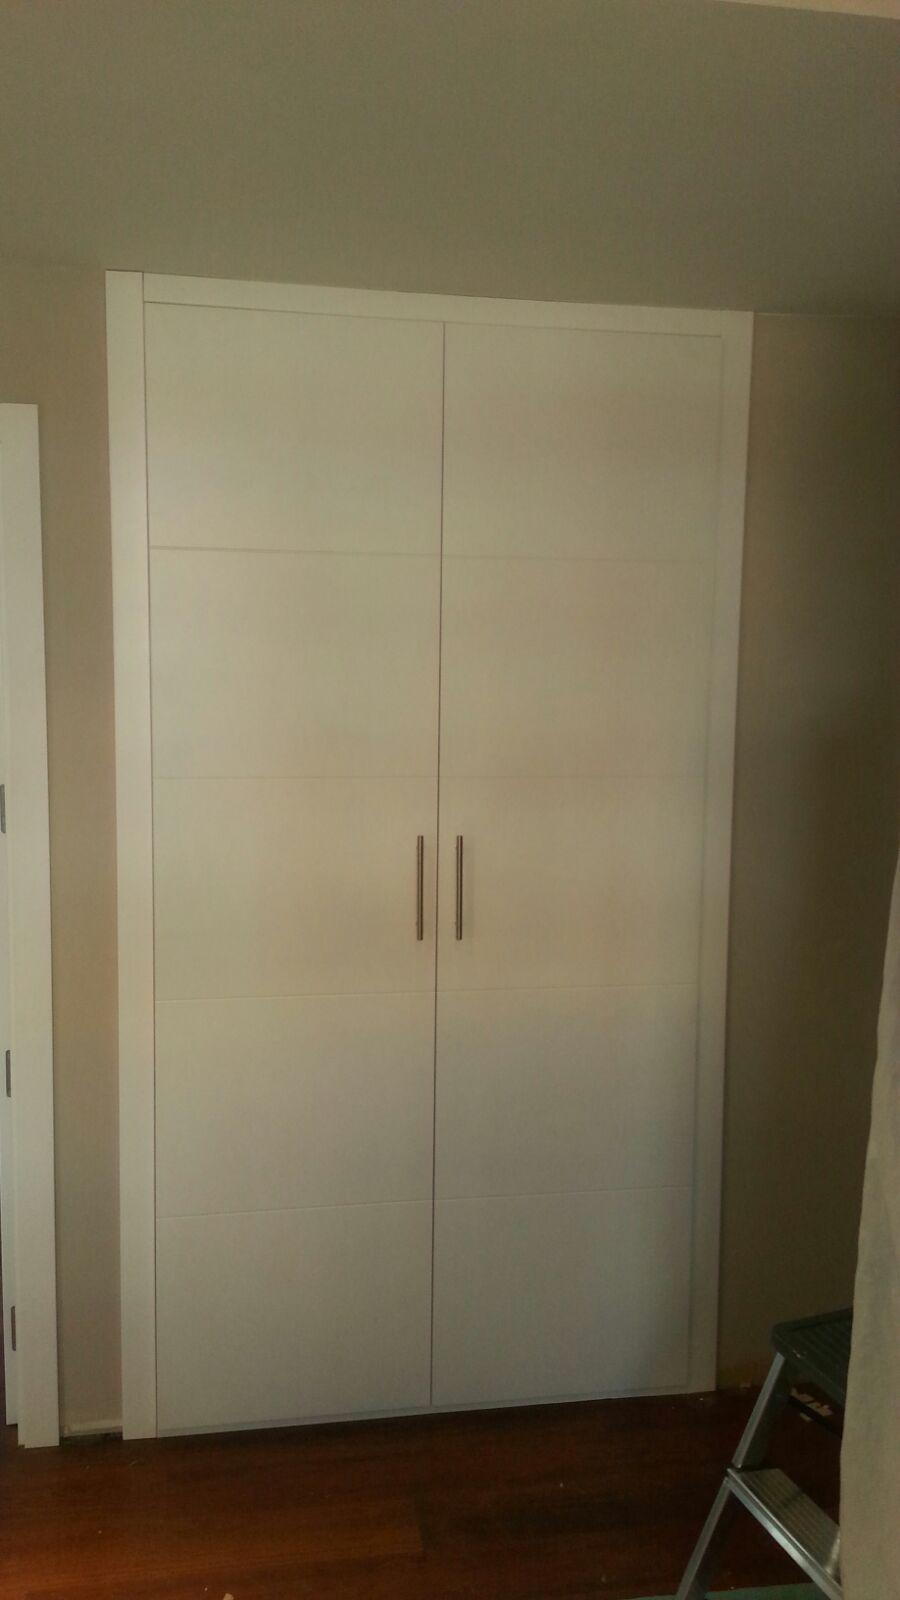 Armario abatible puertas lacadasenblanco sencillez for Diseno de puertas